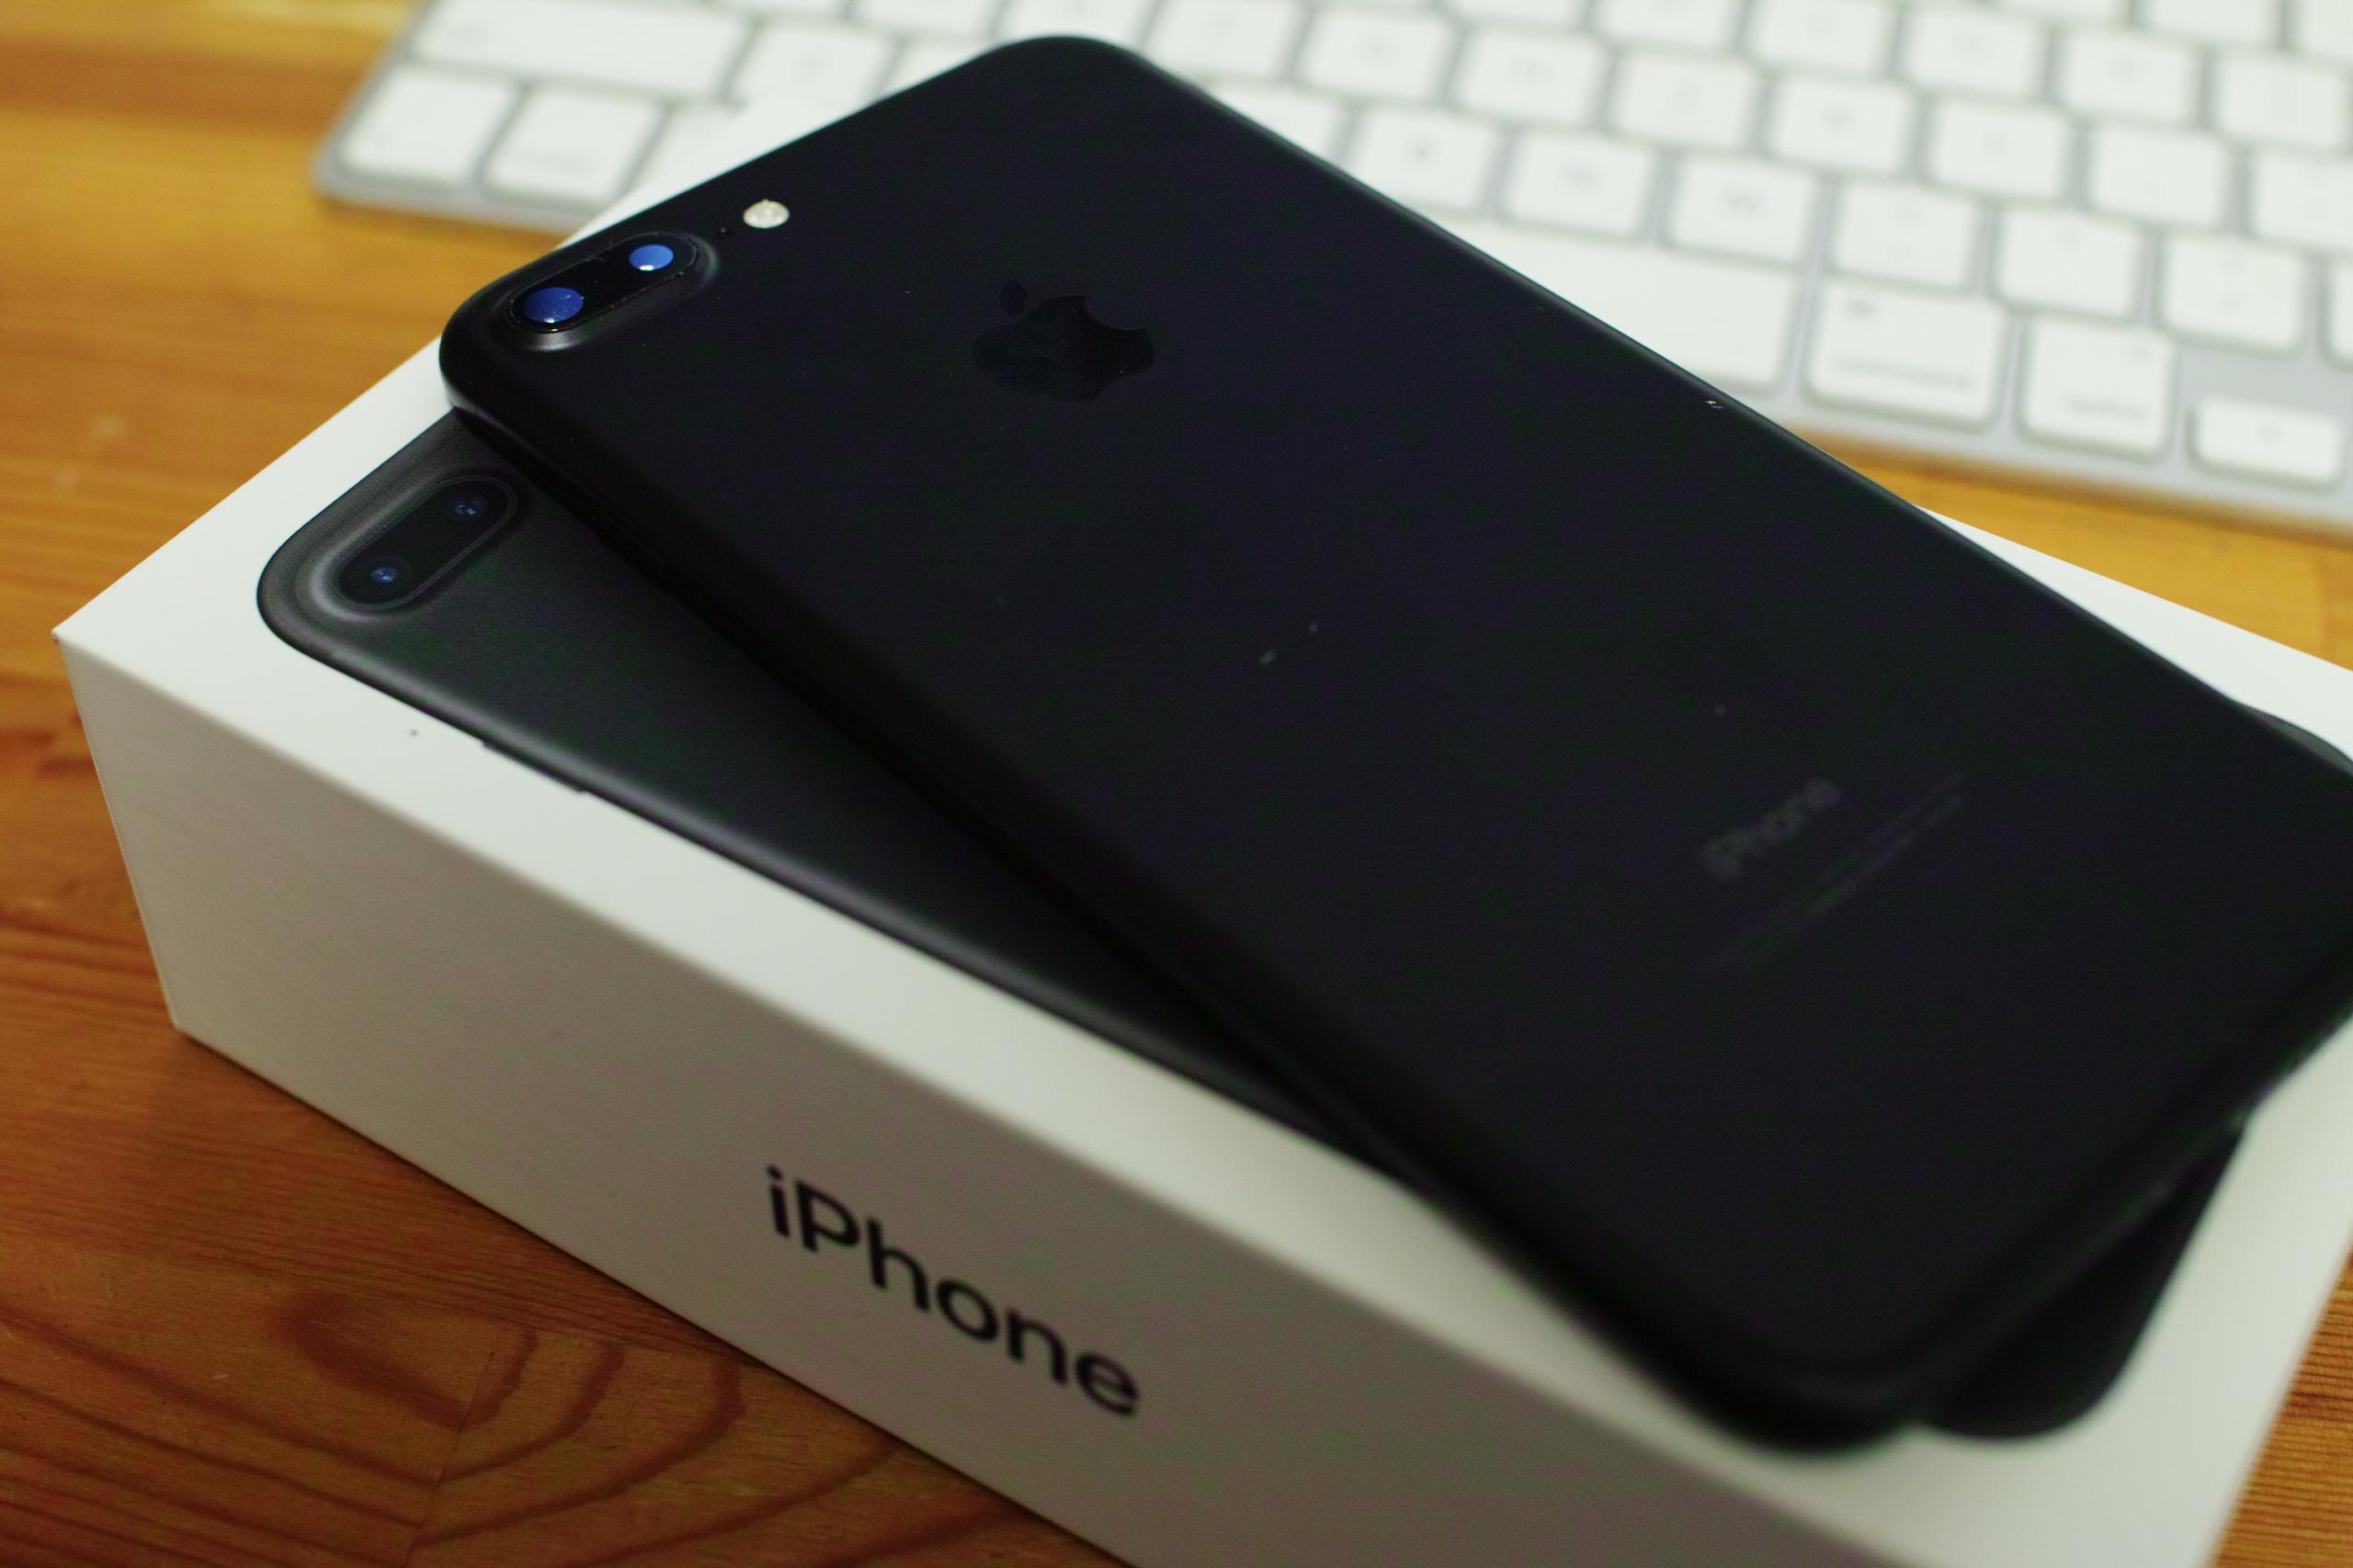 iPhone7 Plus Black 届いた。好い買い物…。